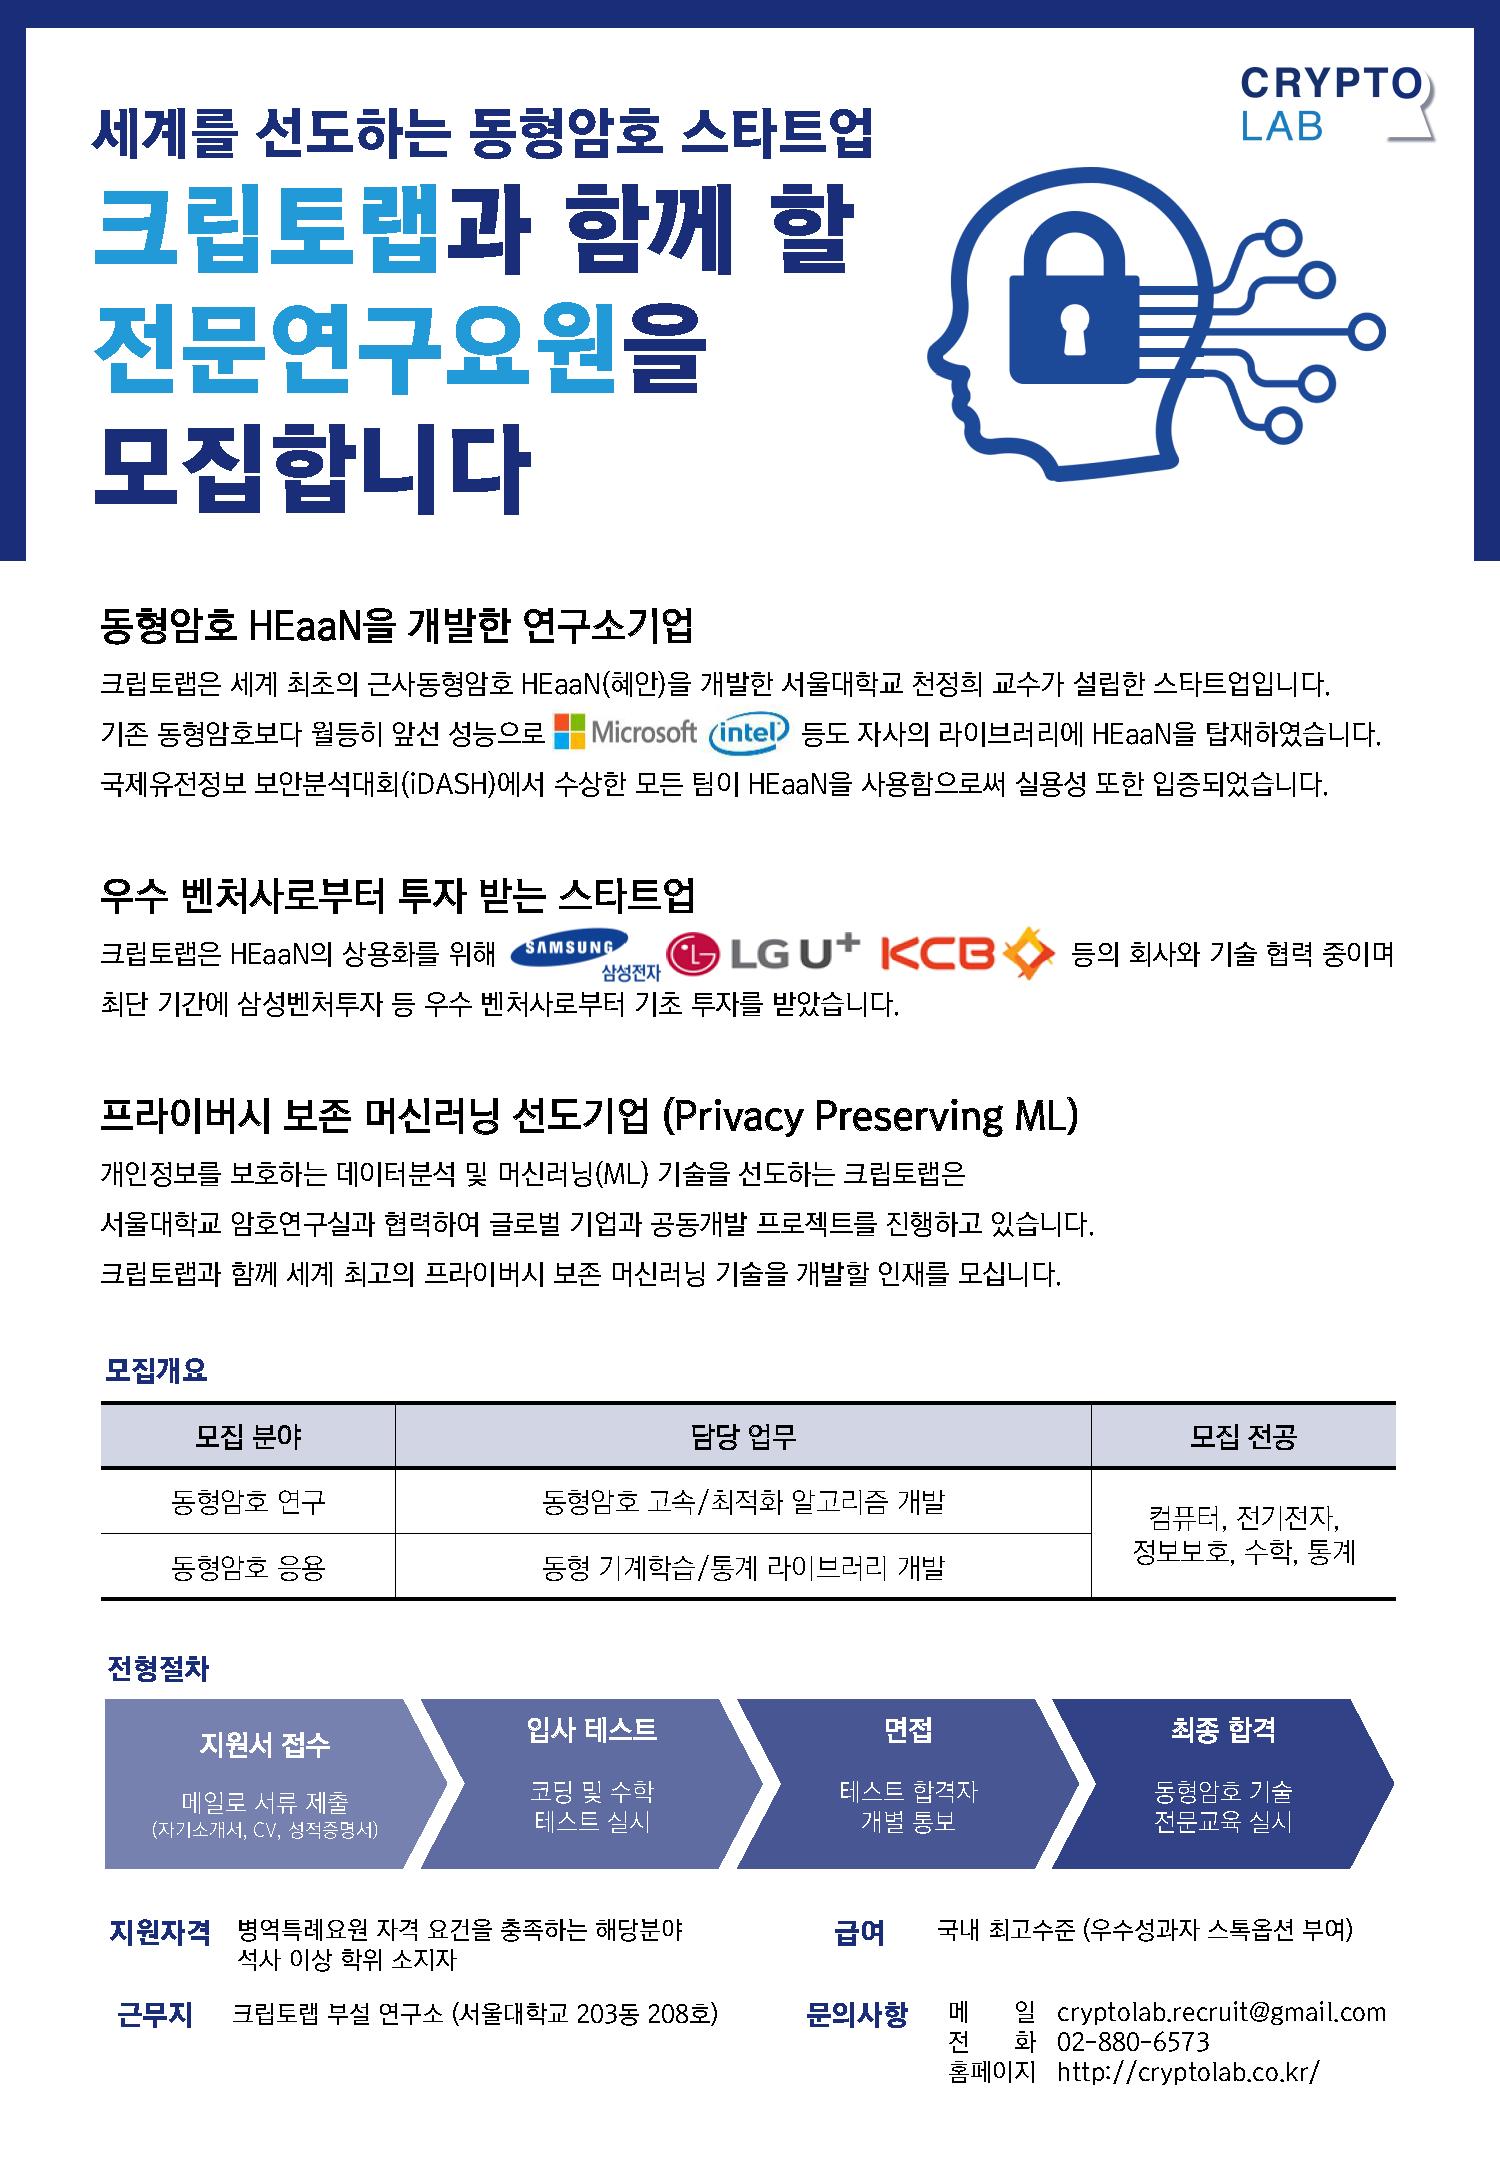 2020.5.12_병특채용공고_CryptoLab.png